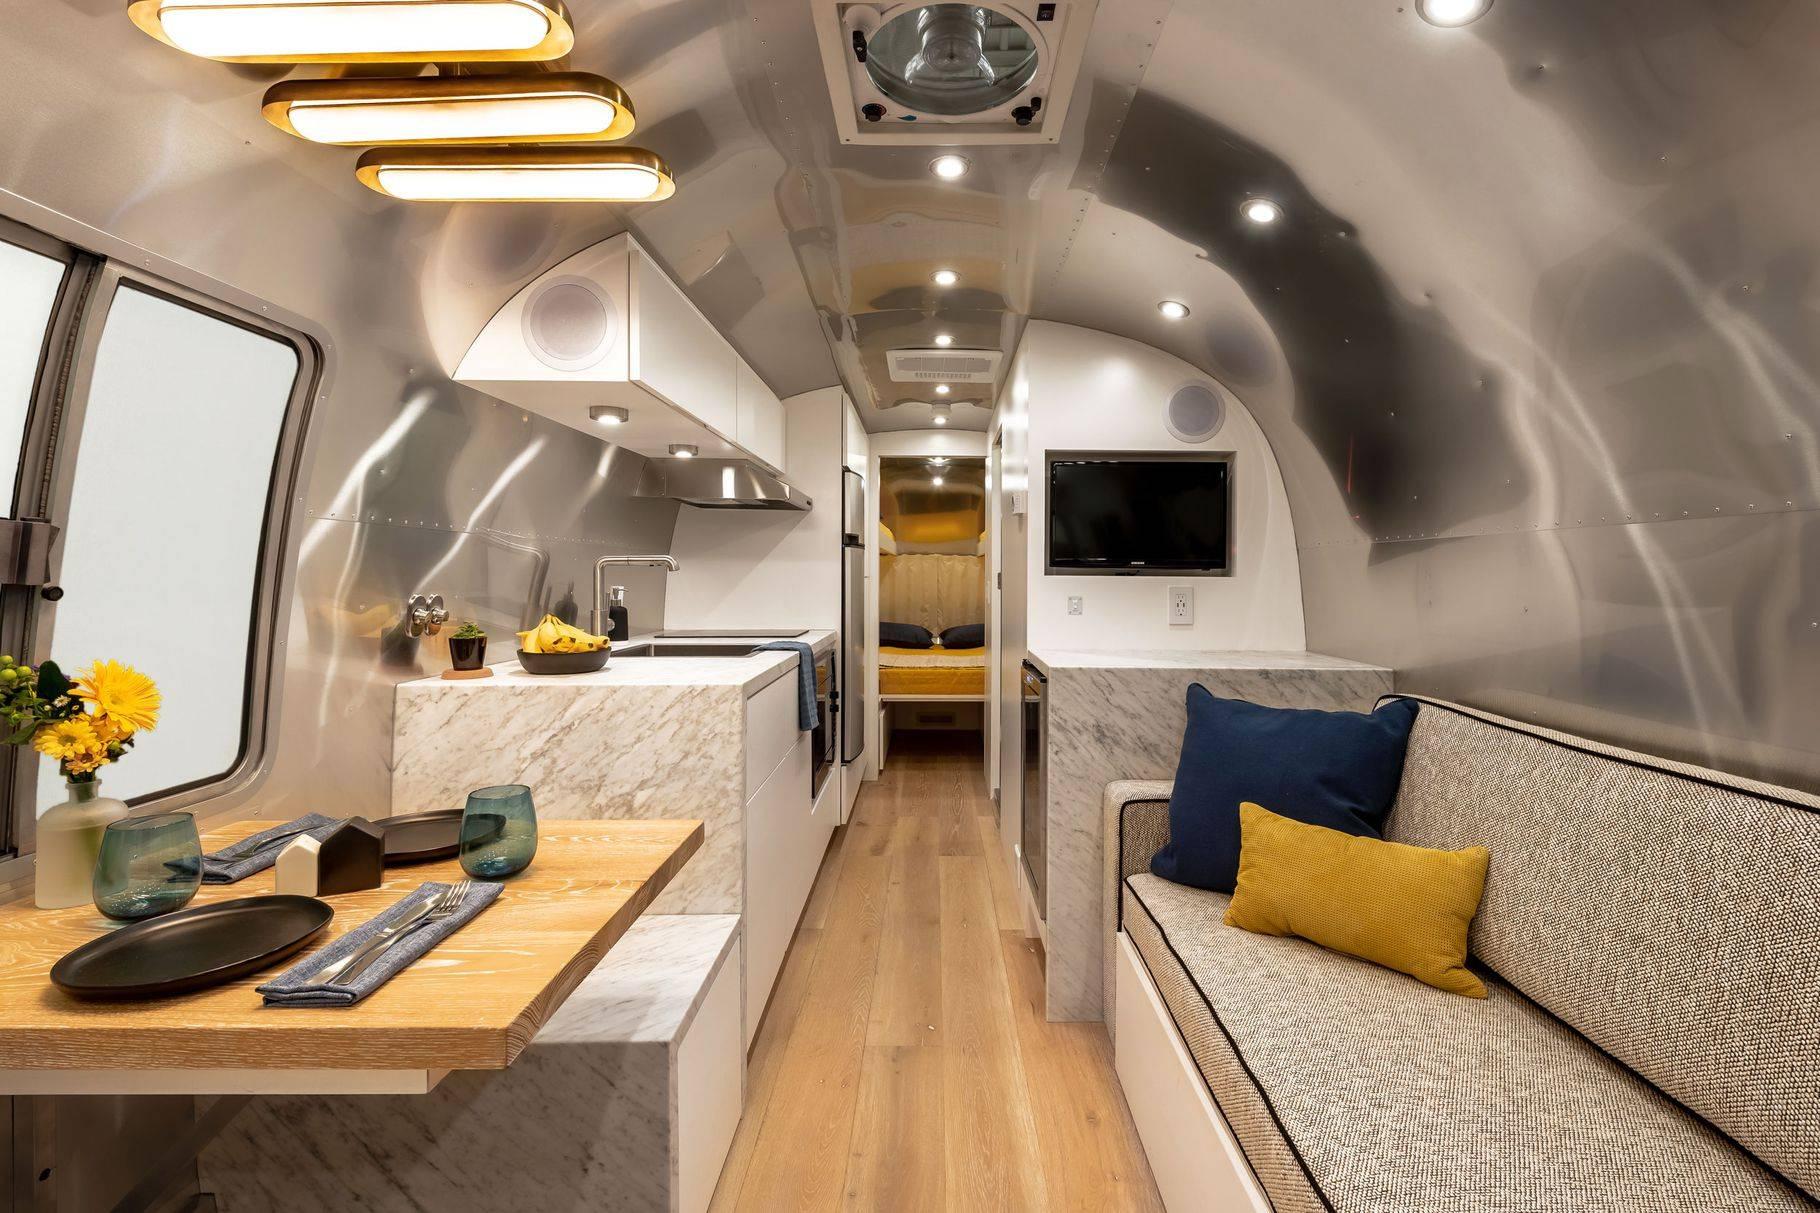 这辆特别定制的Airstream,是度假胜地,也是车轮上的别致公寓